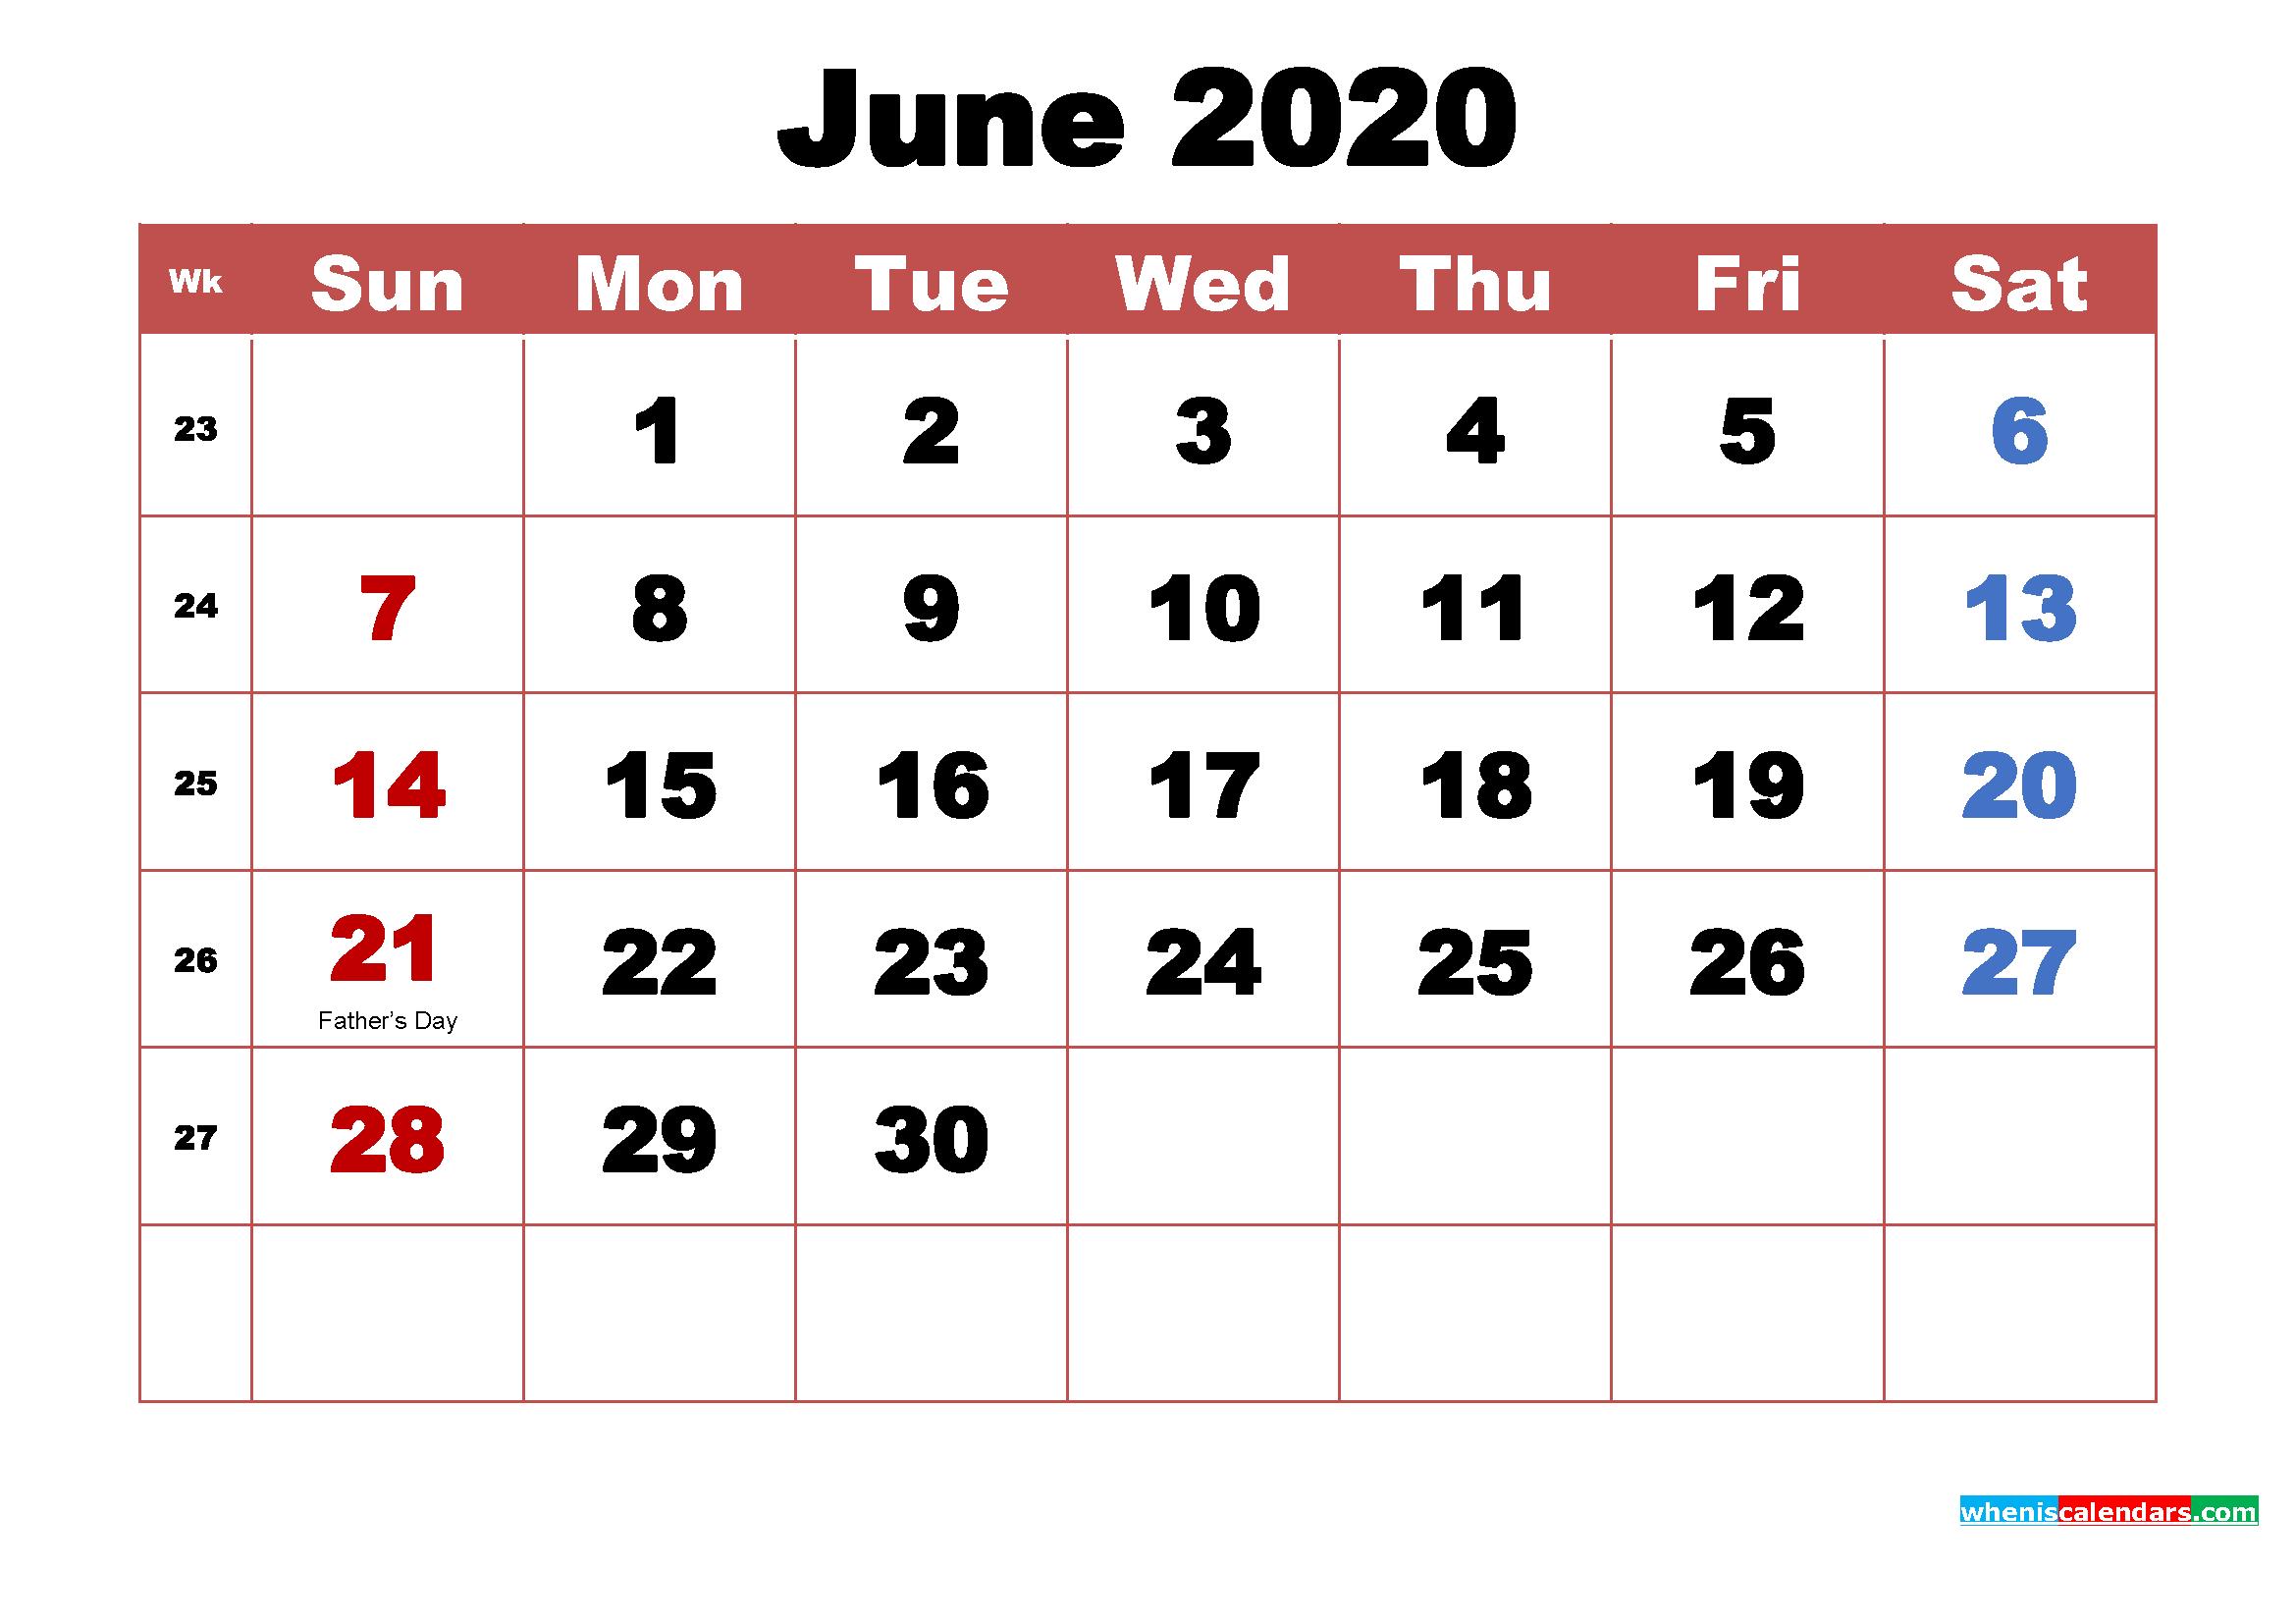 June 2020 Calendar Wallpaper High Resolution